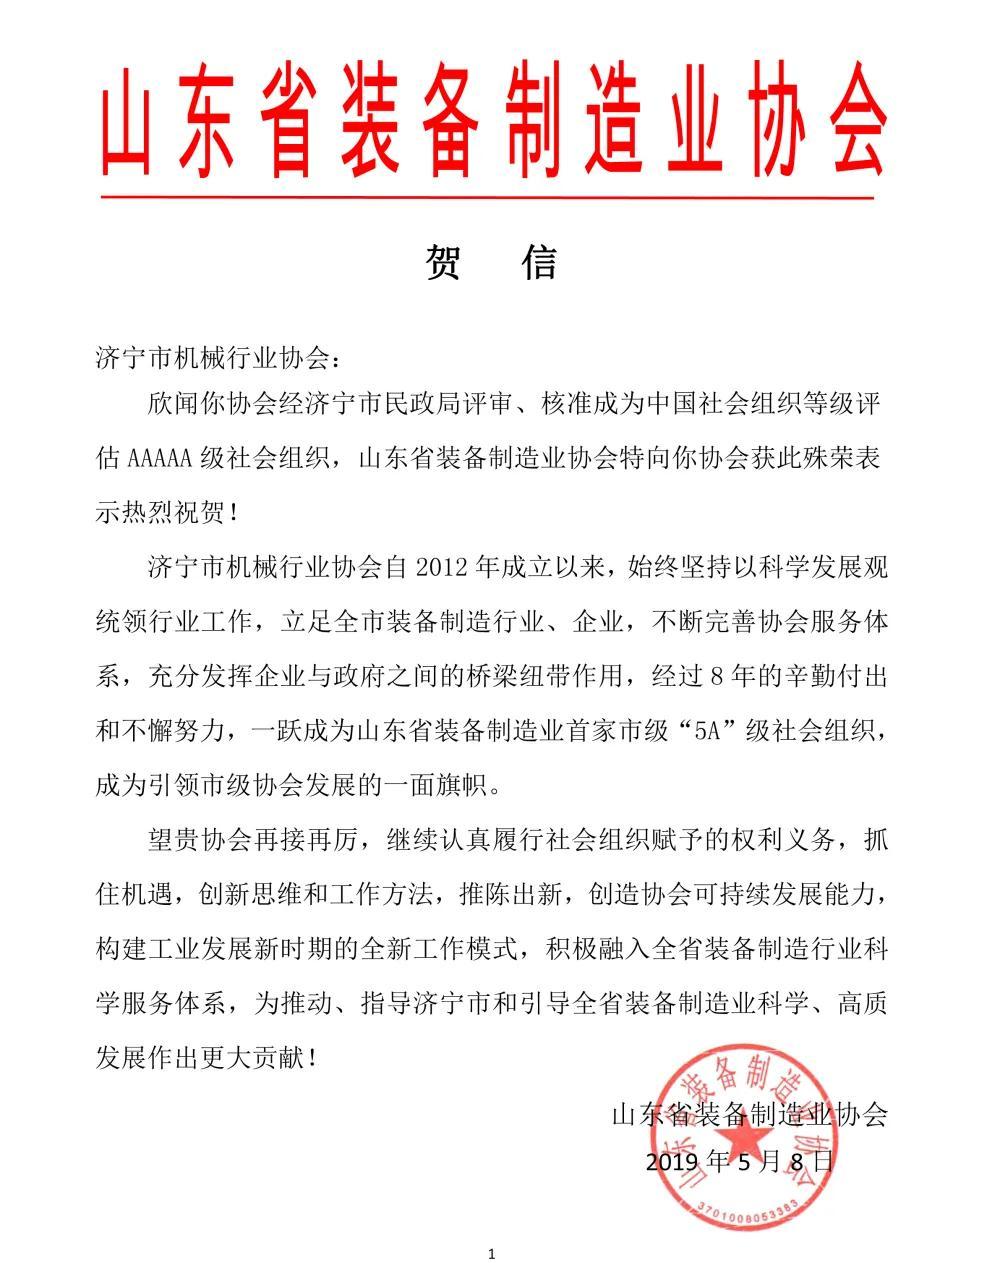 山东省装备制造业协会向我协会评为AAAAA级社会组织发来贺信